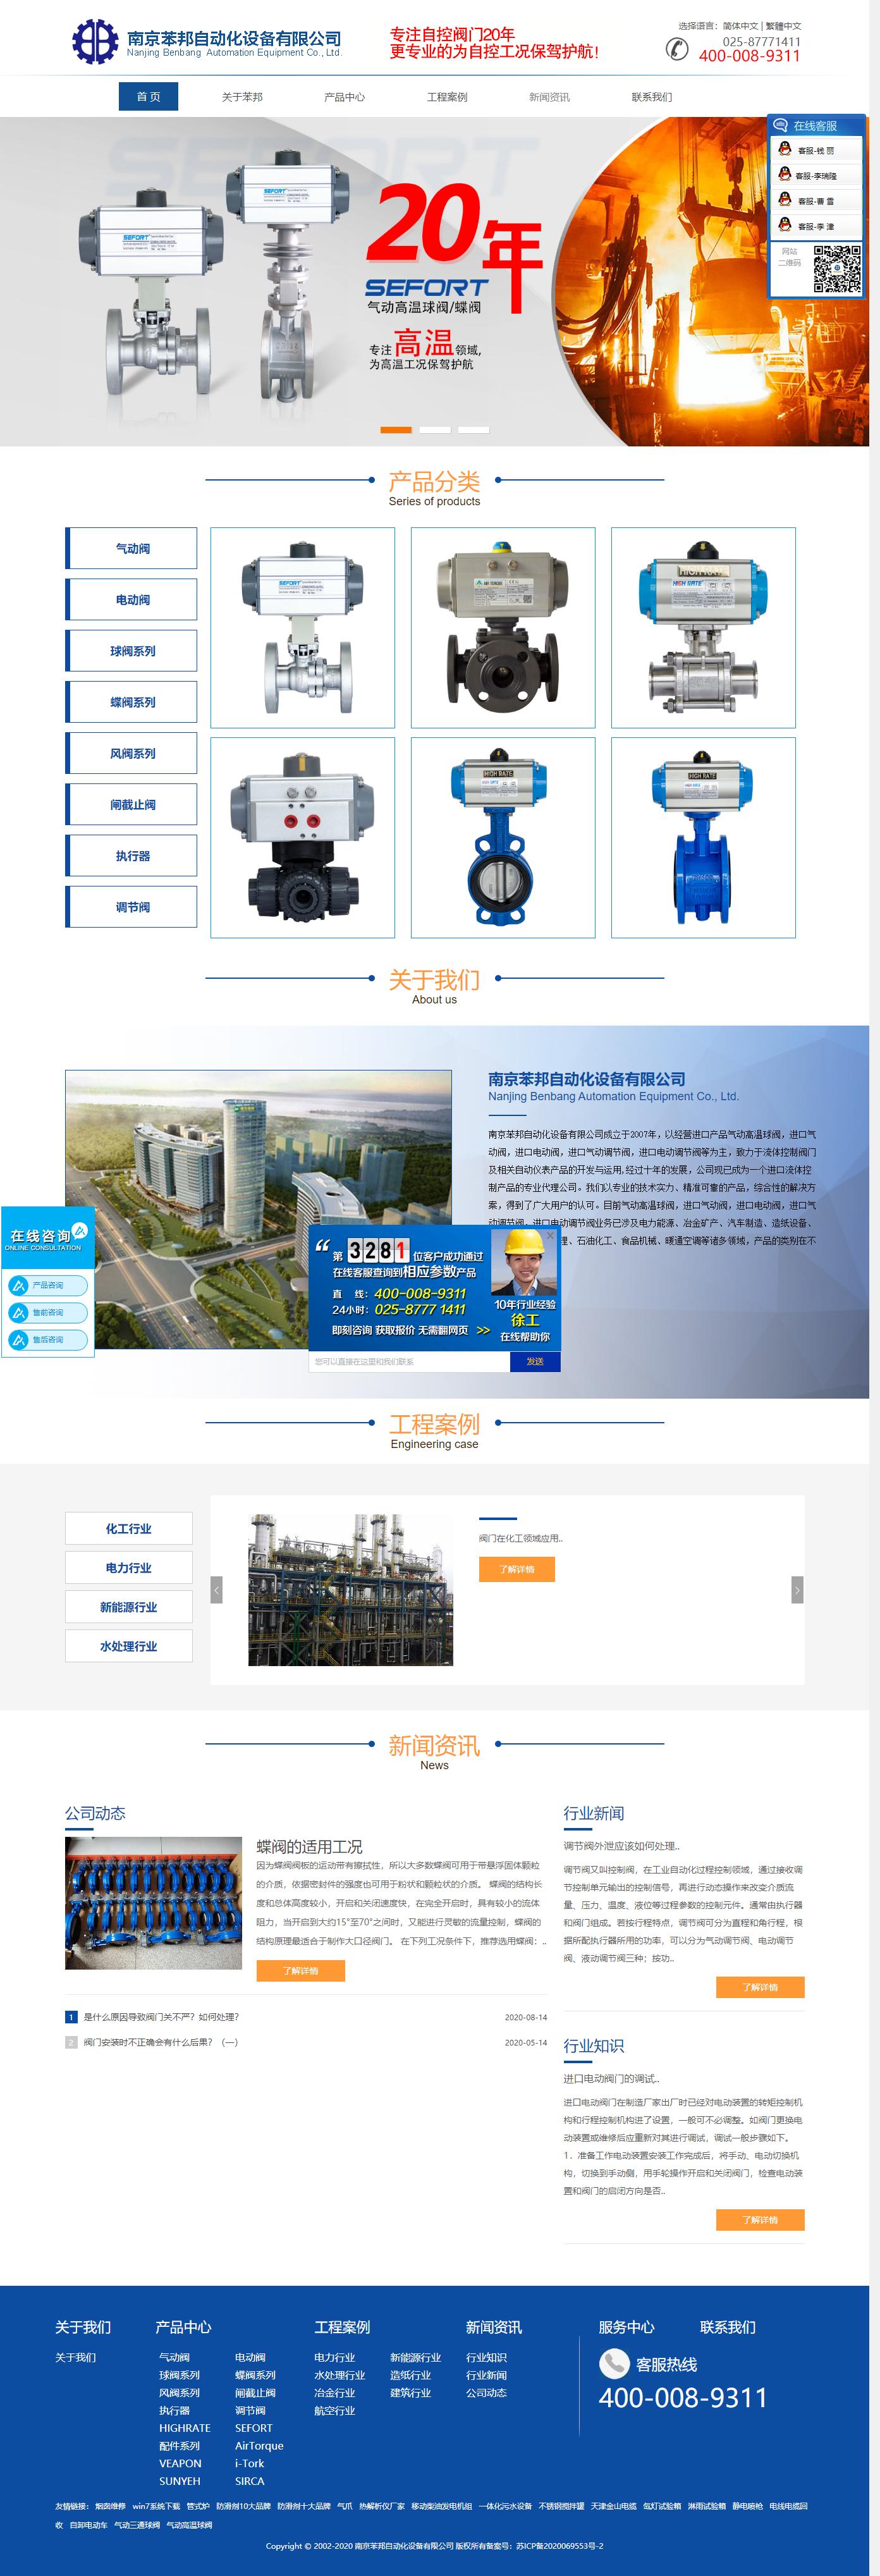 南京苯邦自动化设备